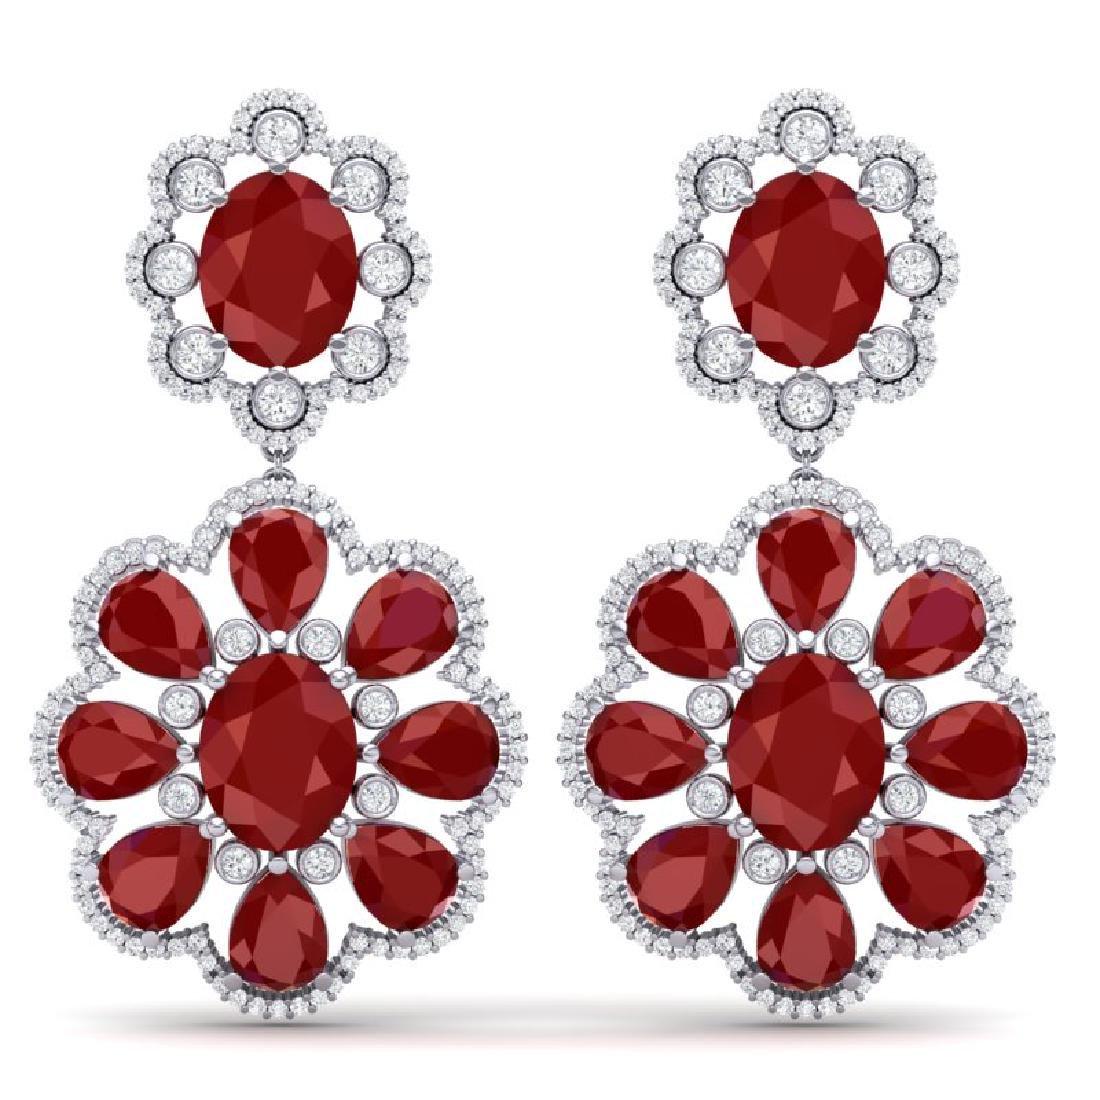 33.88 CTW Royalty Designer Ruby & VS Diamond Earrings